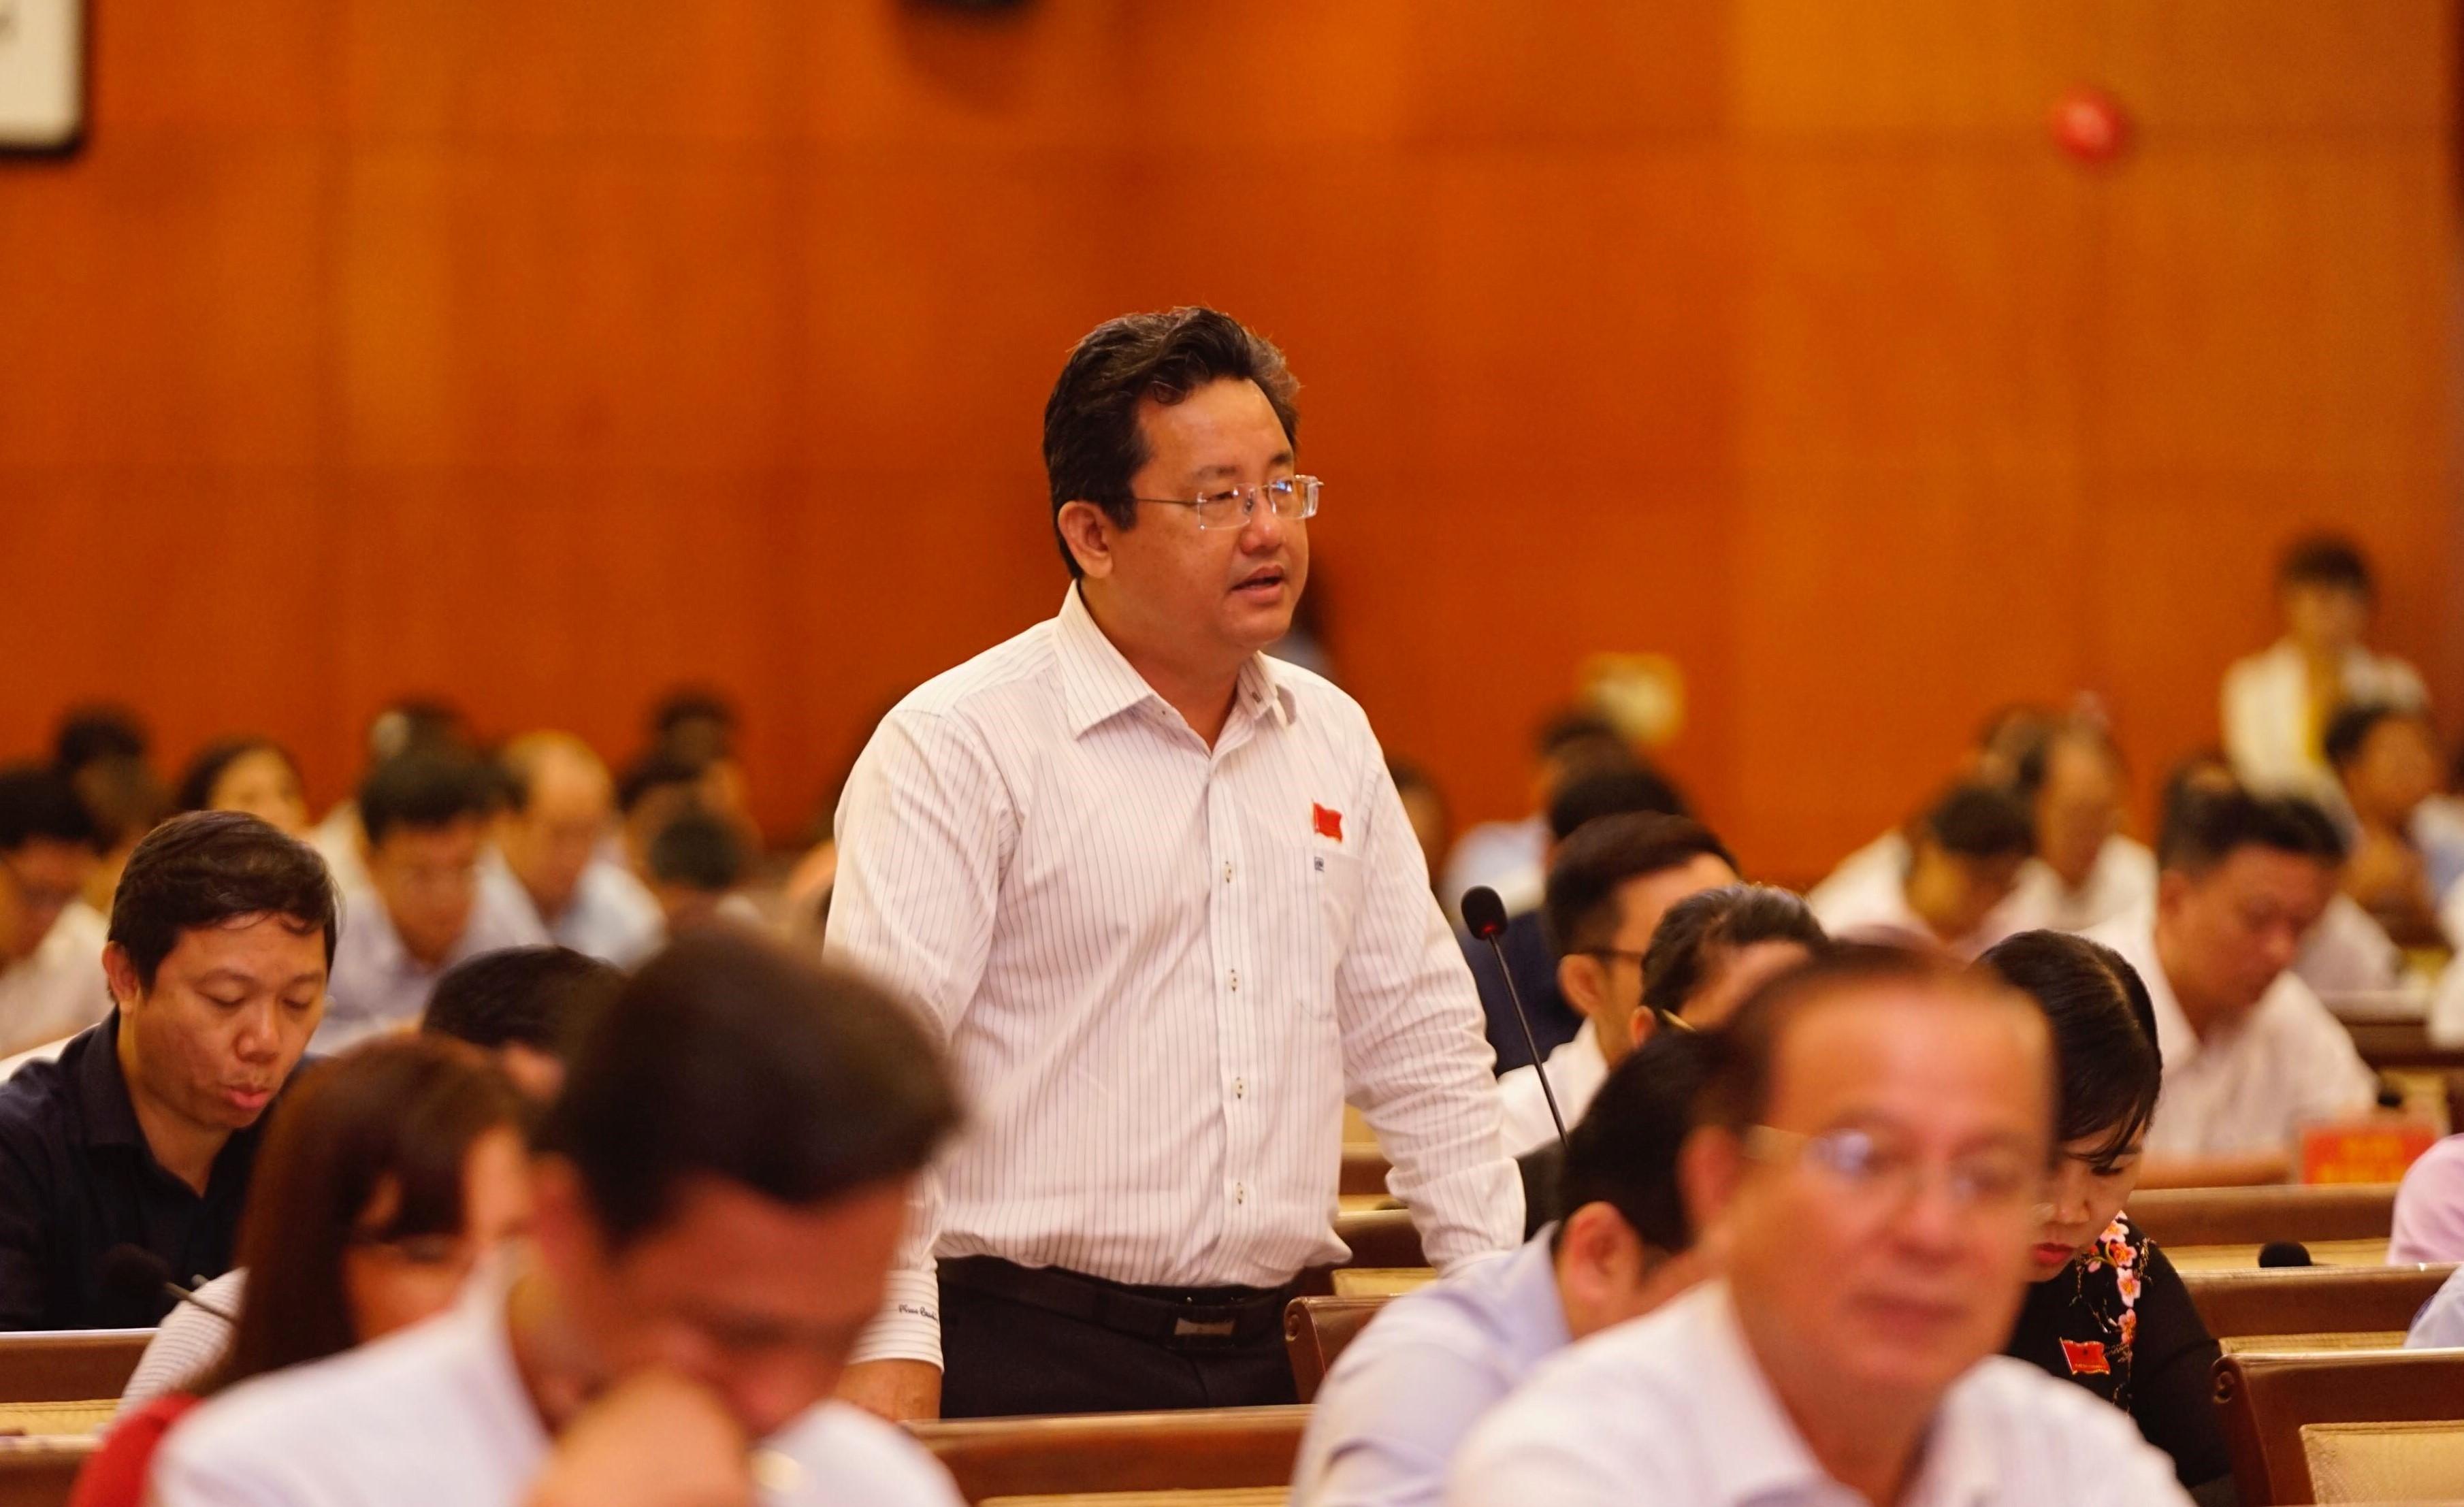 Thủ Thiêm,Sai Phạm Thủ Thiêm